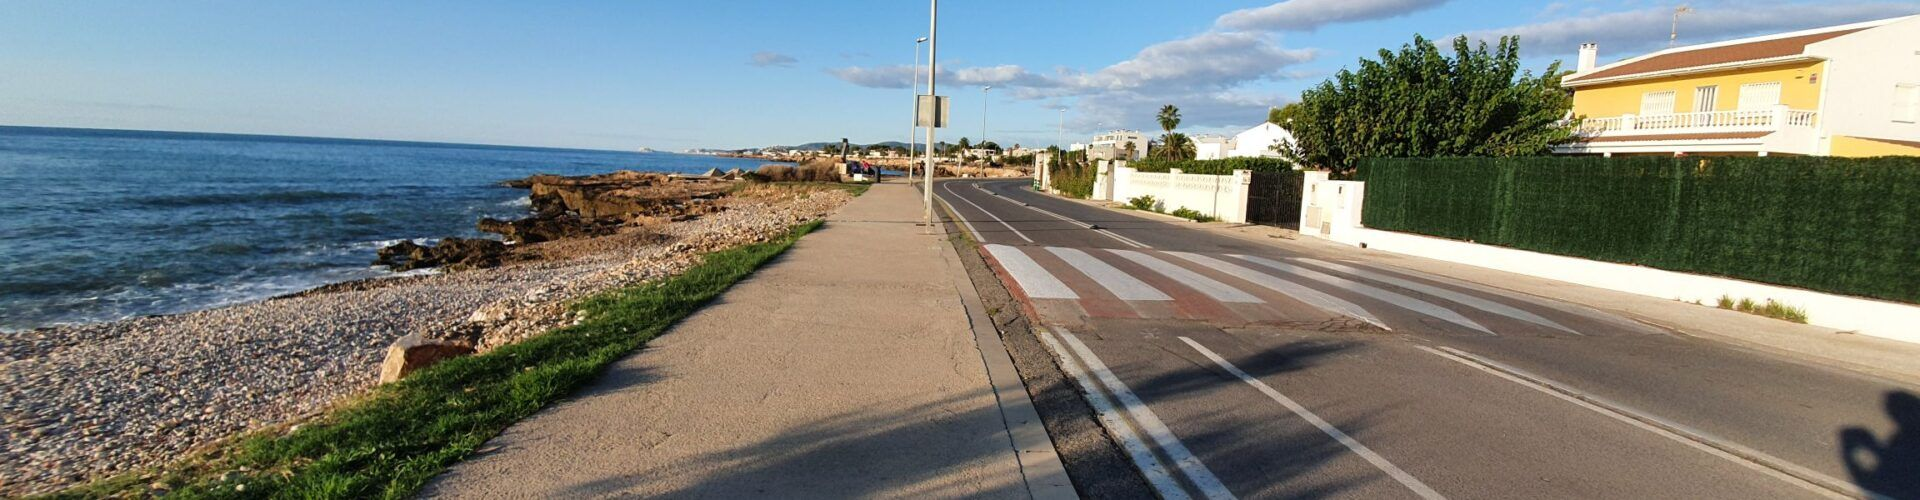 El Ayuntamiento de Vinaròs desestima el recurso presentado por el PVIsobre la unidireccionalidad de la Costa Sur